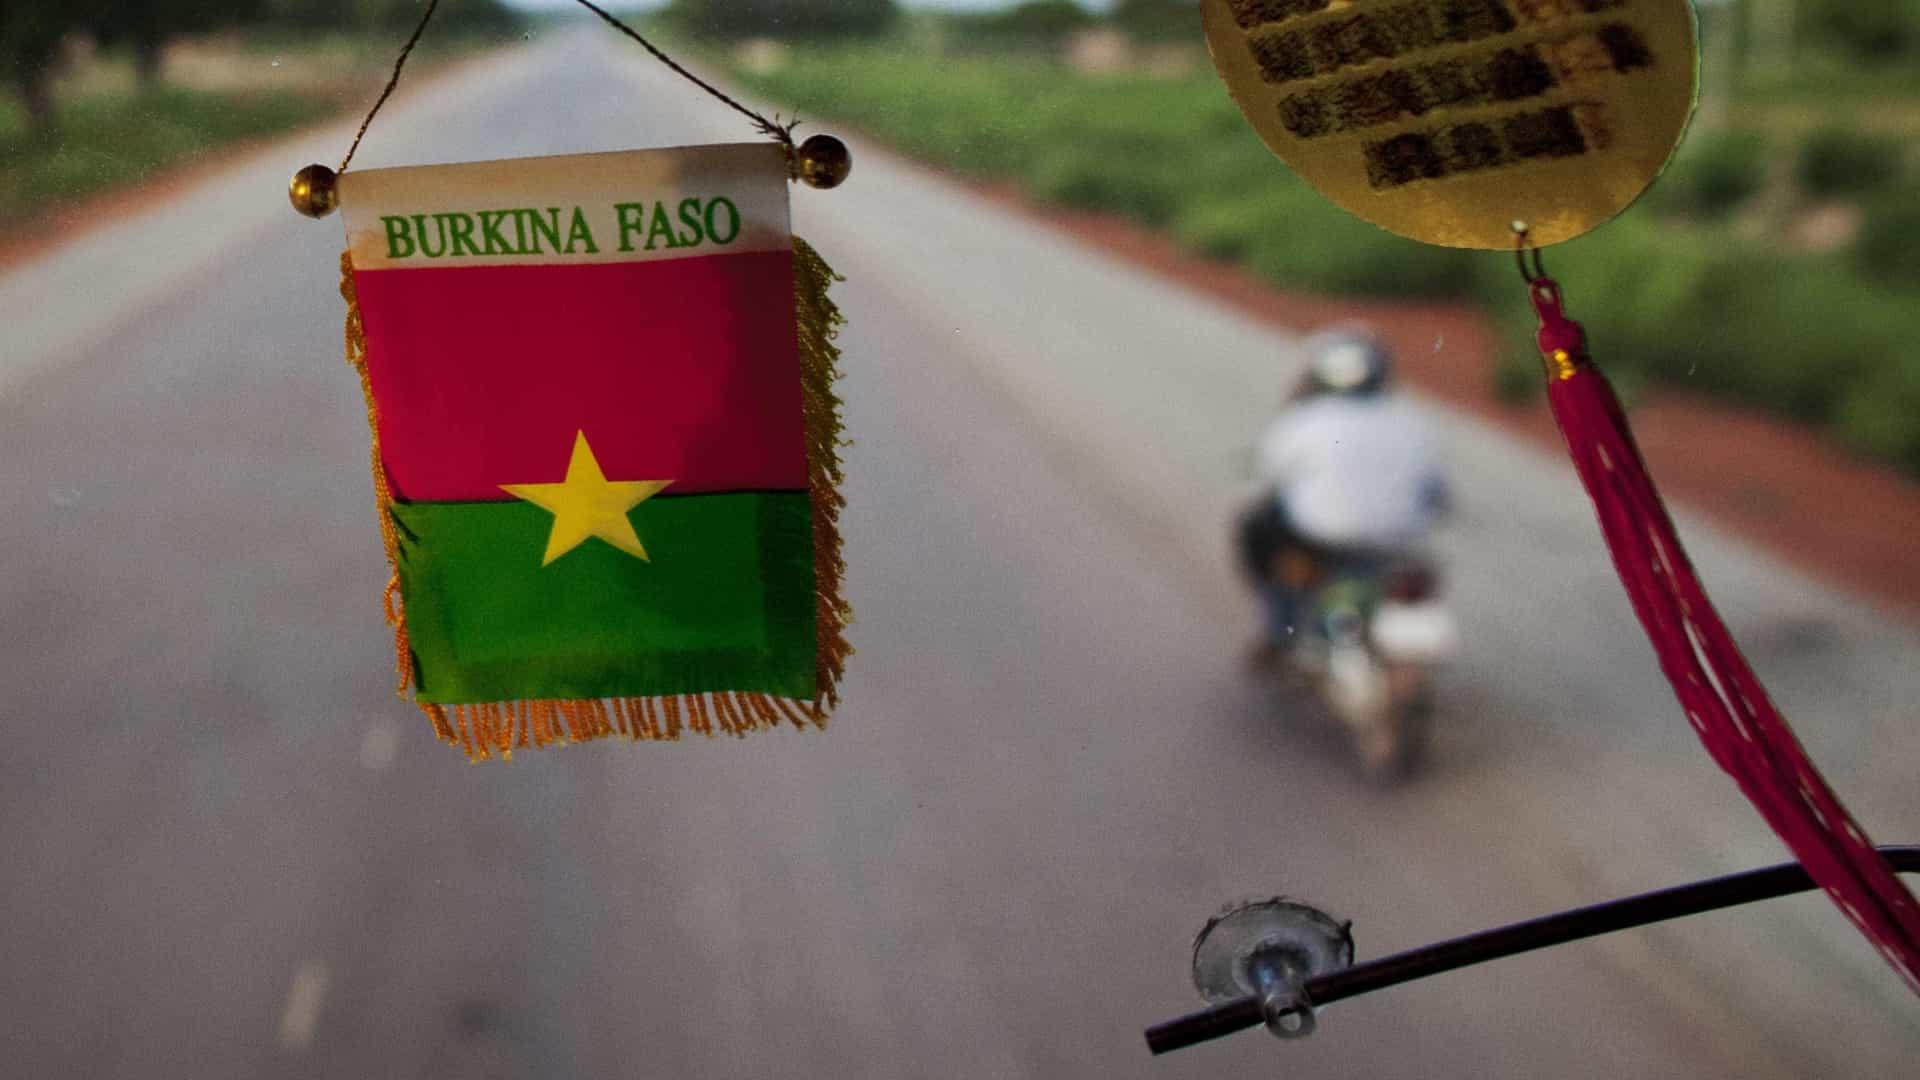 Ataque terrorista no Burkina Faso matou três polícias e feriu sete